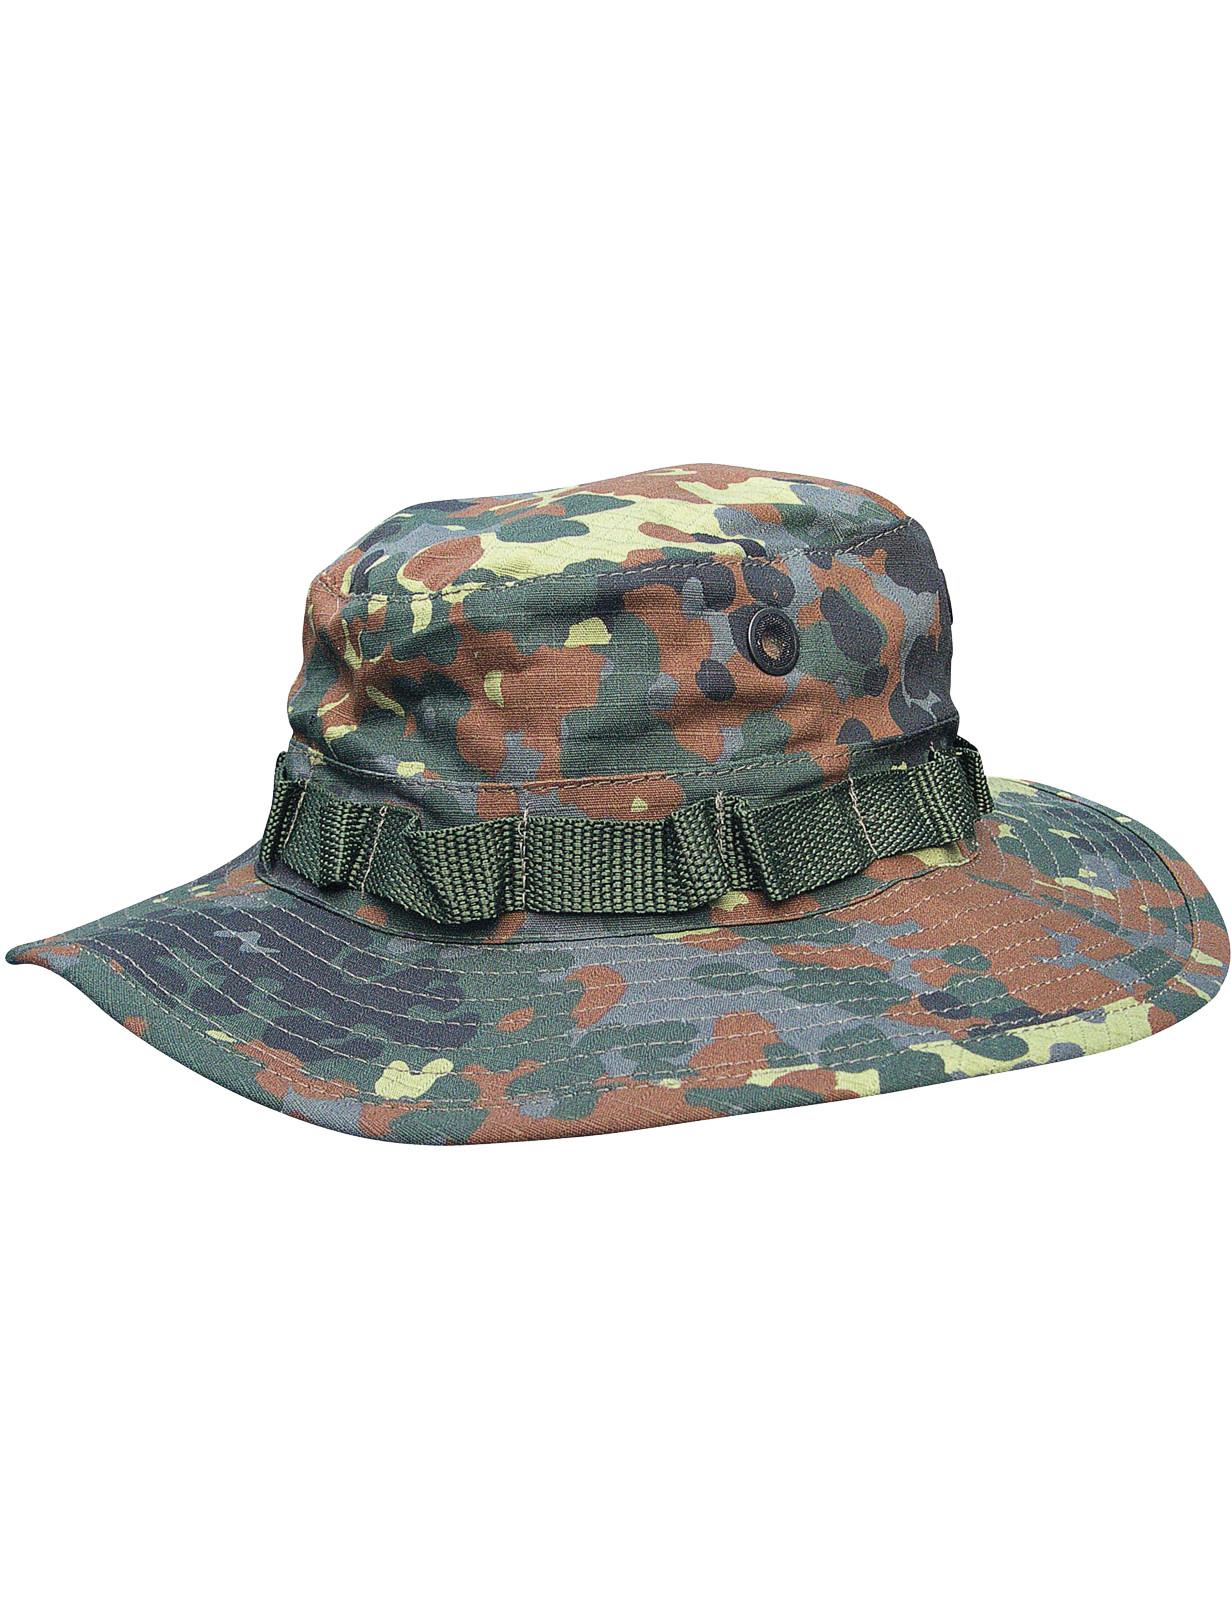 Boonie Hat Buschut GI Army Tropen Hut Fleck Tarn